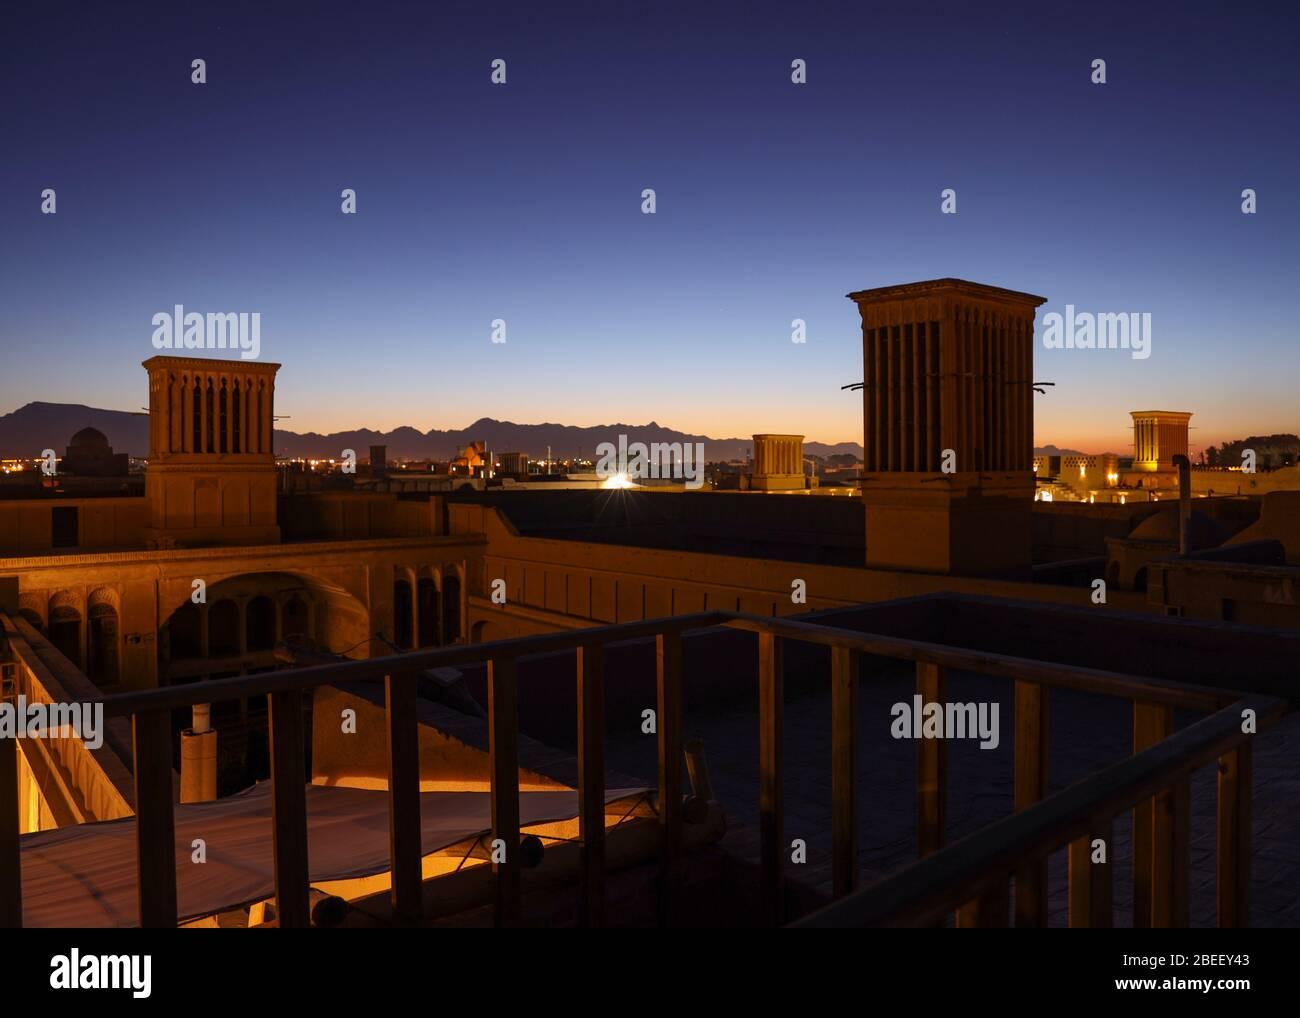 Vista de tejados con cortavientos, torres de viento (badgirs) por la noche en Yazd, Provincia de Yazd, Irán, Persia, Oriente Medio. Foto de stock